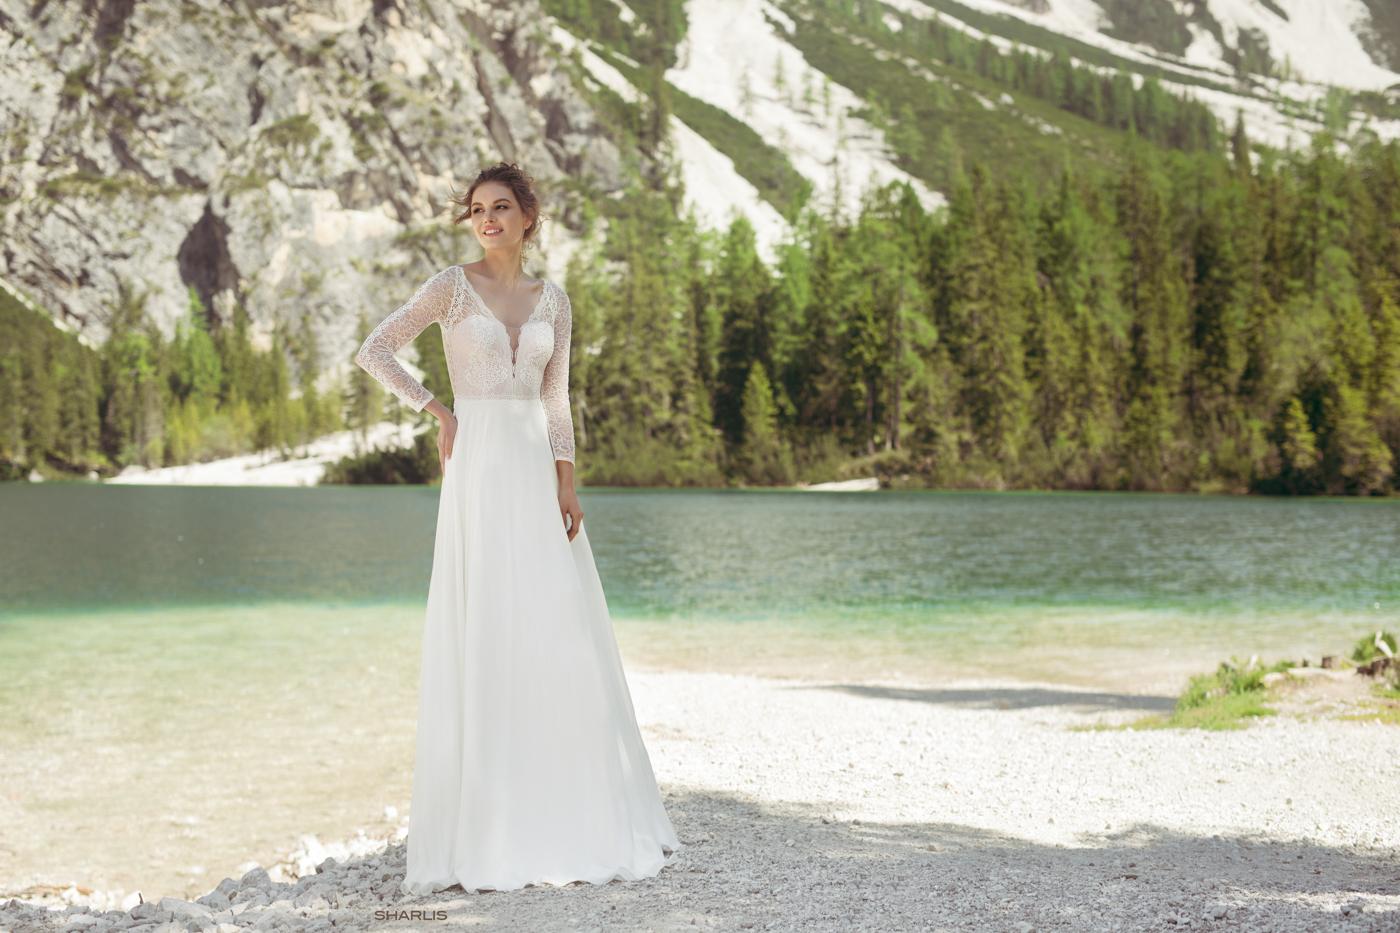 Sharlis Brautkleid München mylovely Le Rina Vintage Brautkleid lange Arme tiefer Ausschnitt